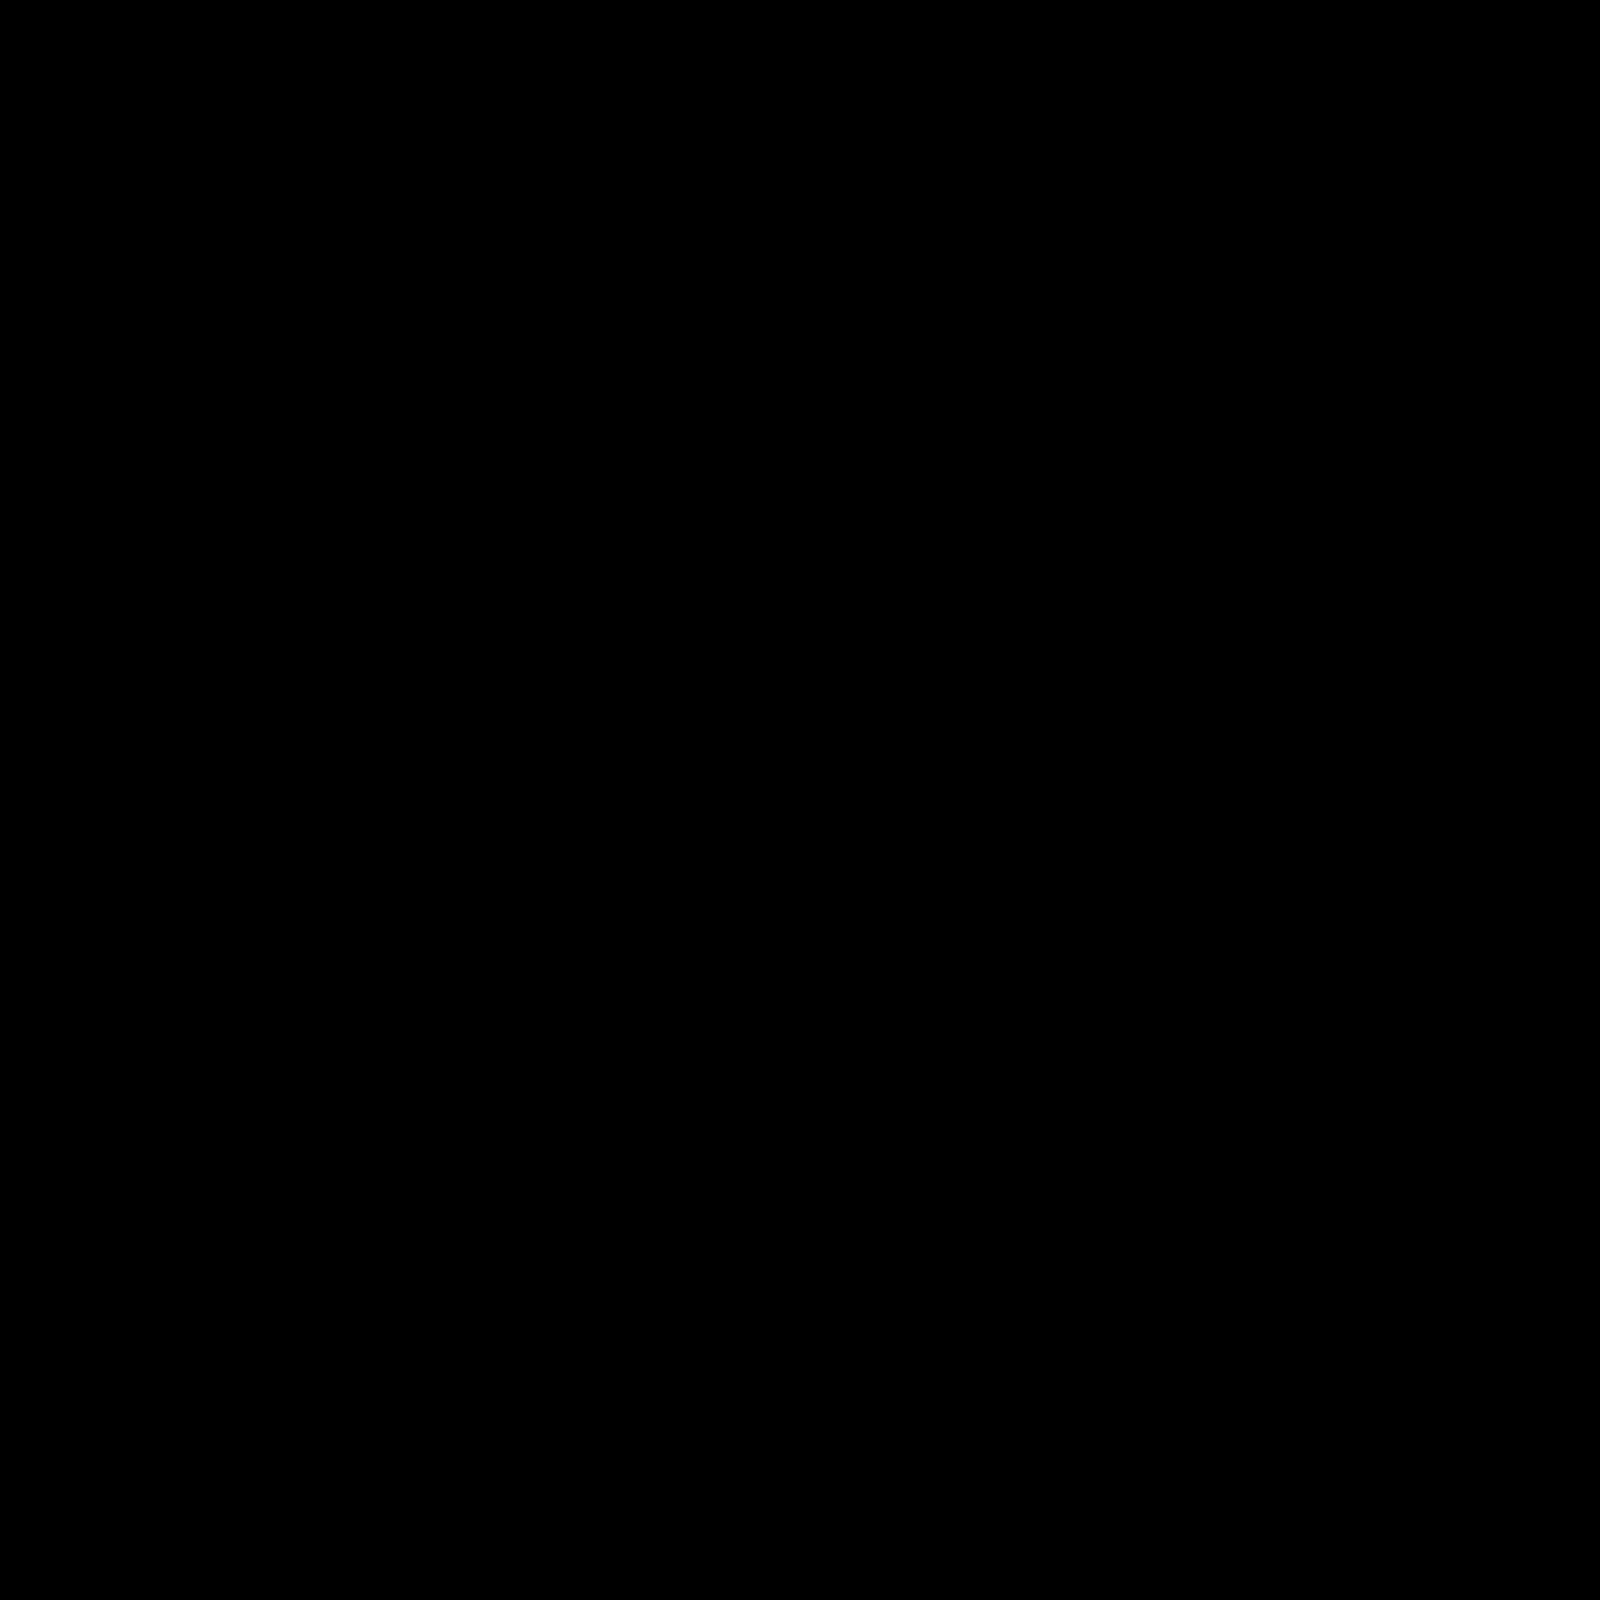 Lettore di schede smart con cavo USB icon